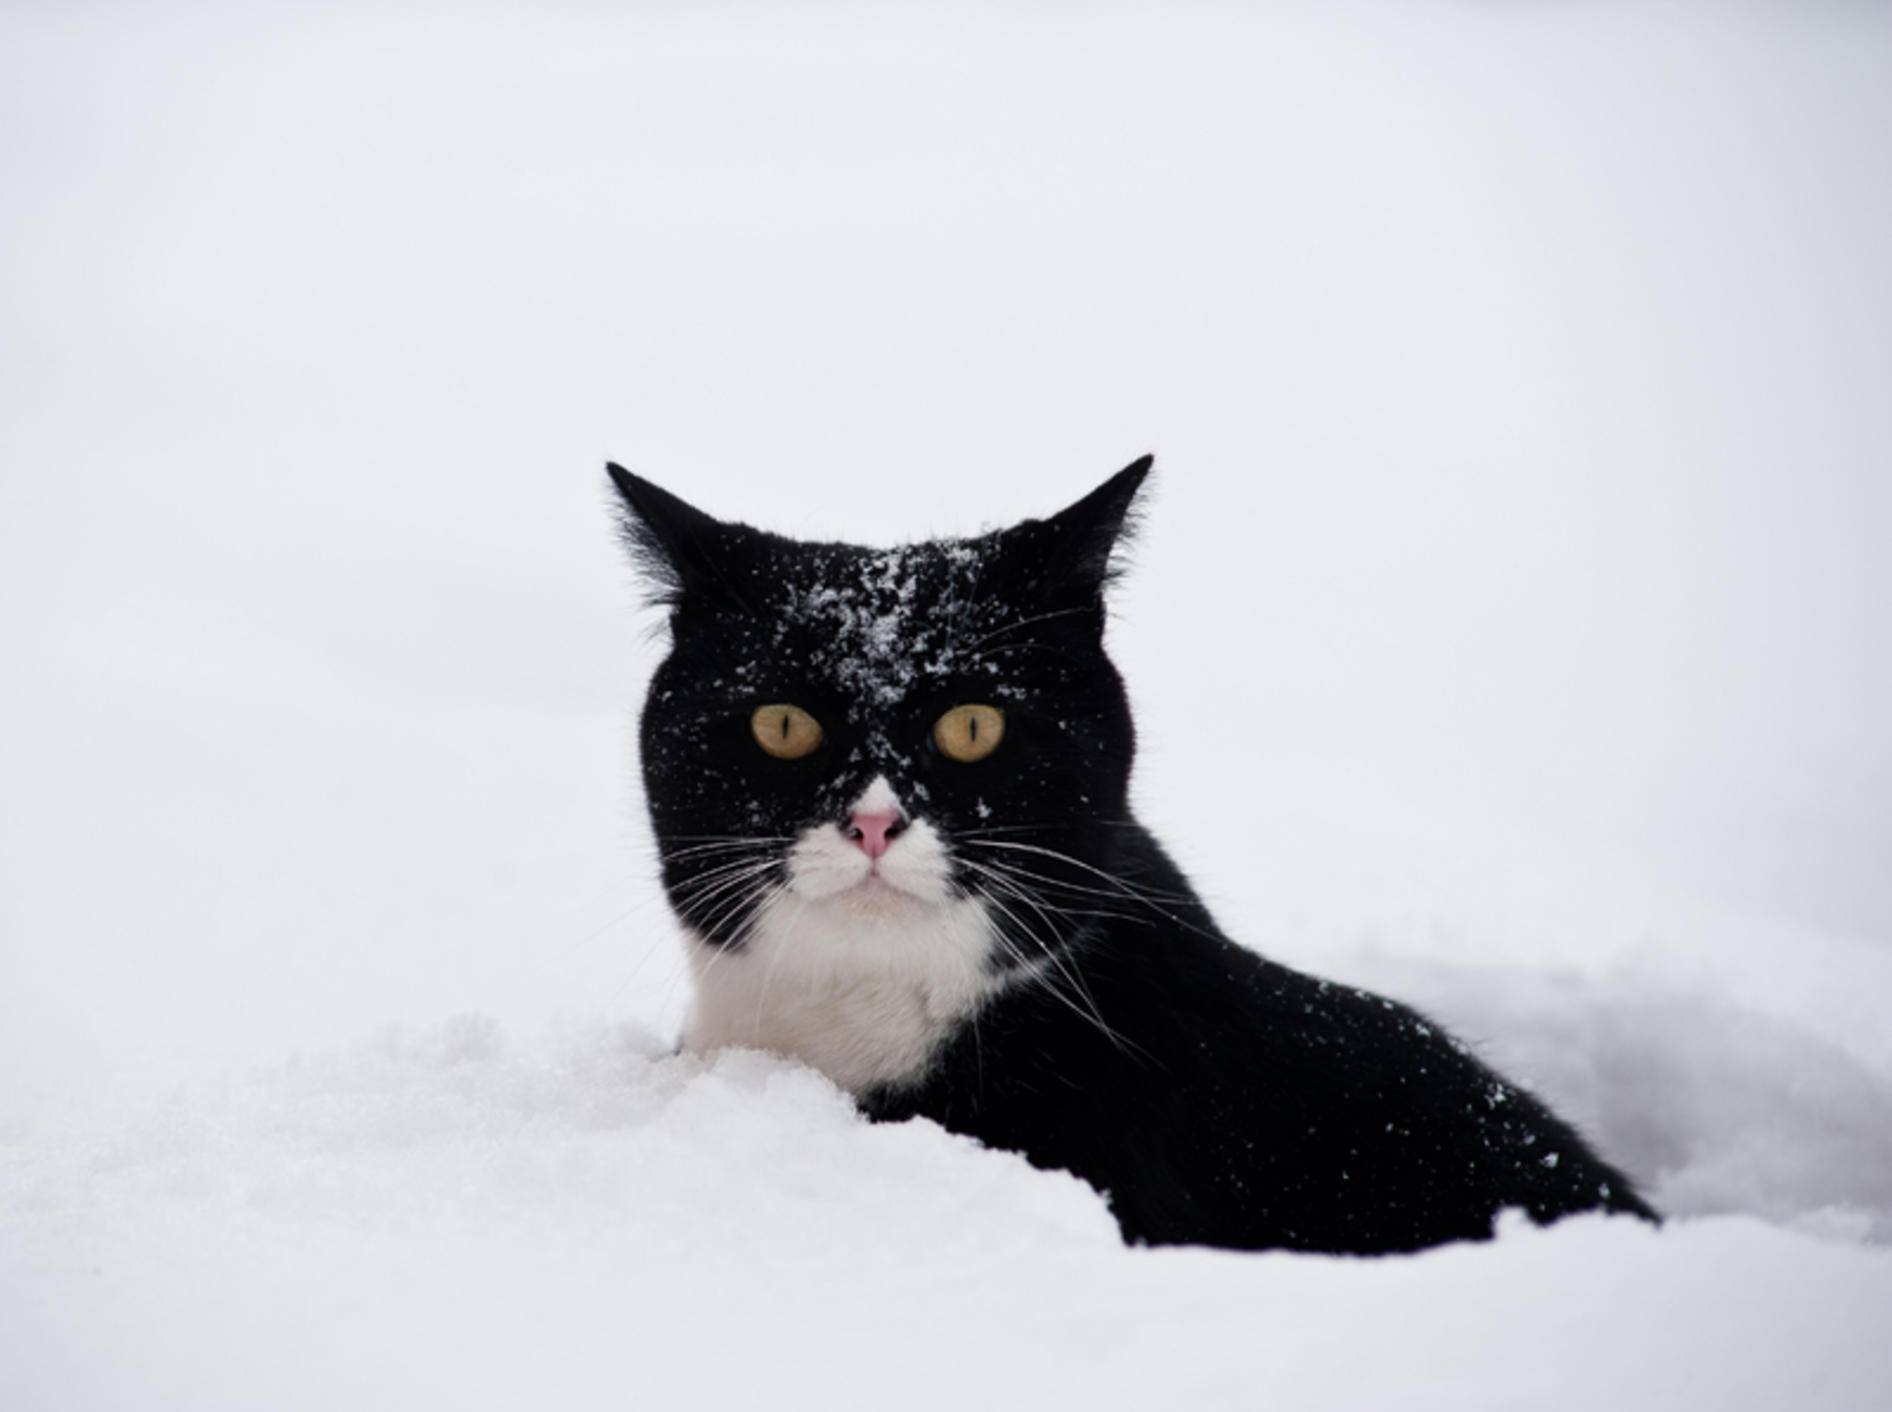 Brauchen Katzen im Winter anderes Futter als sonst? – Shutterstock / pio3